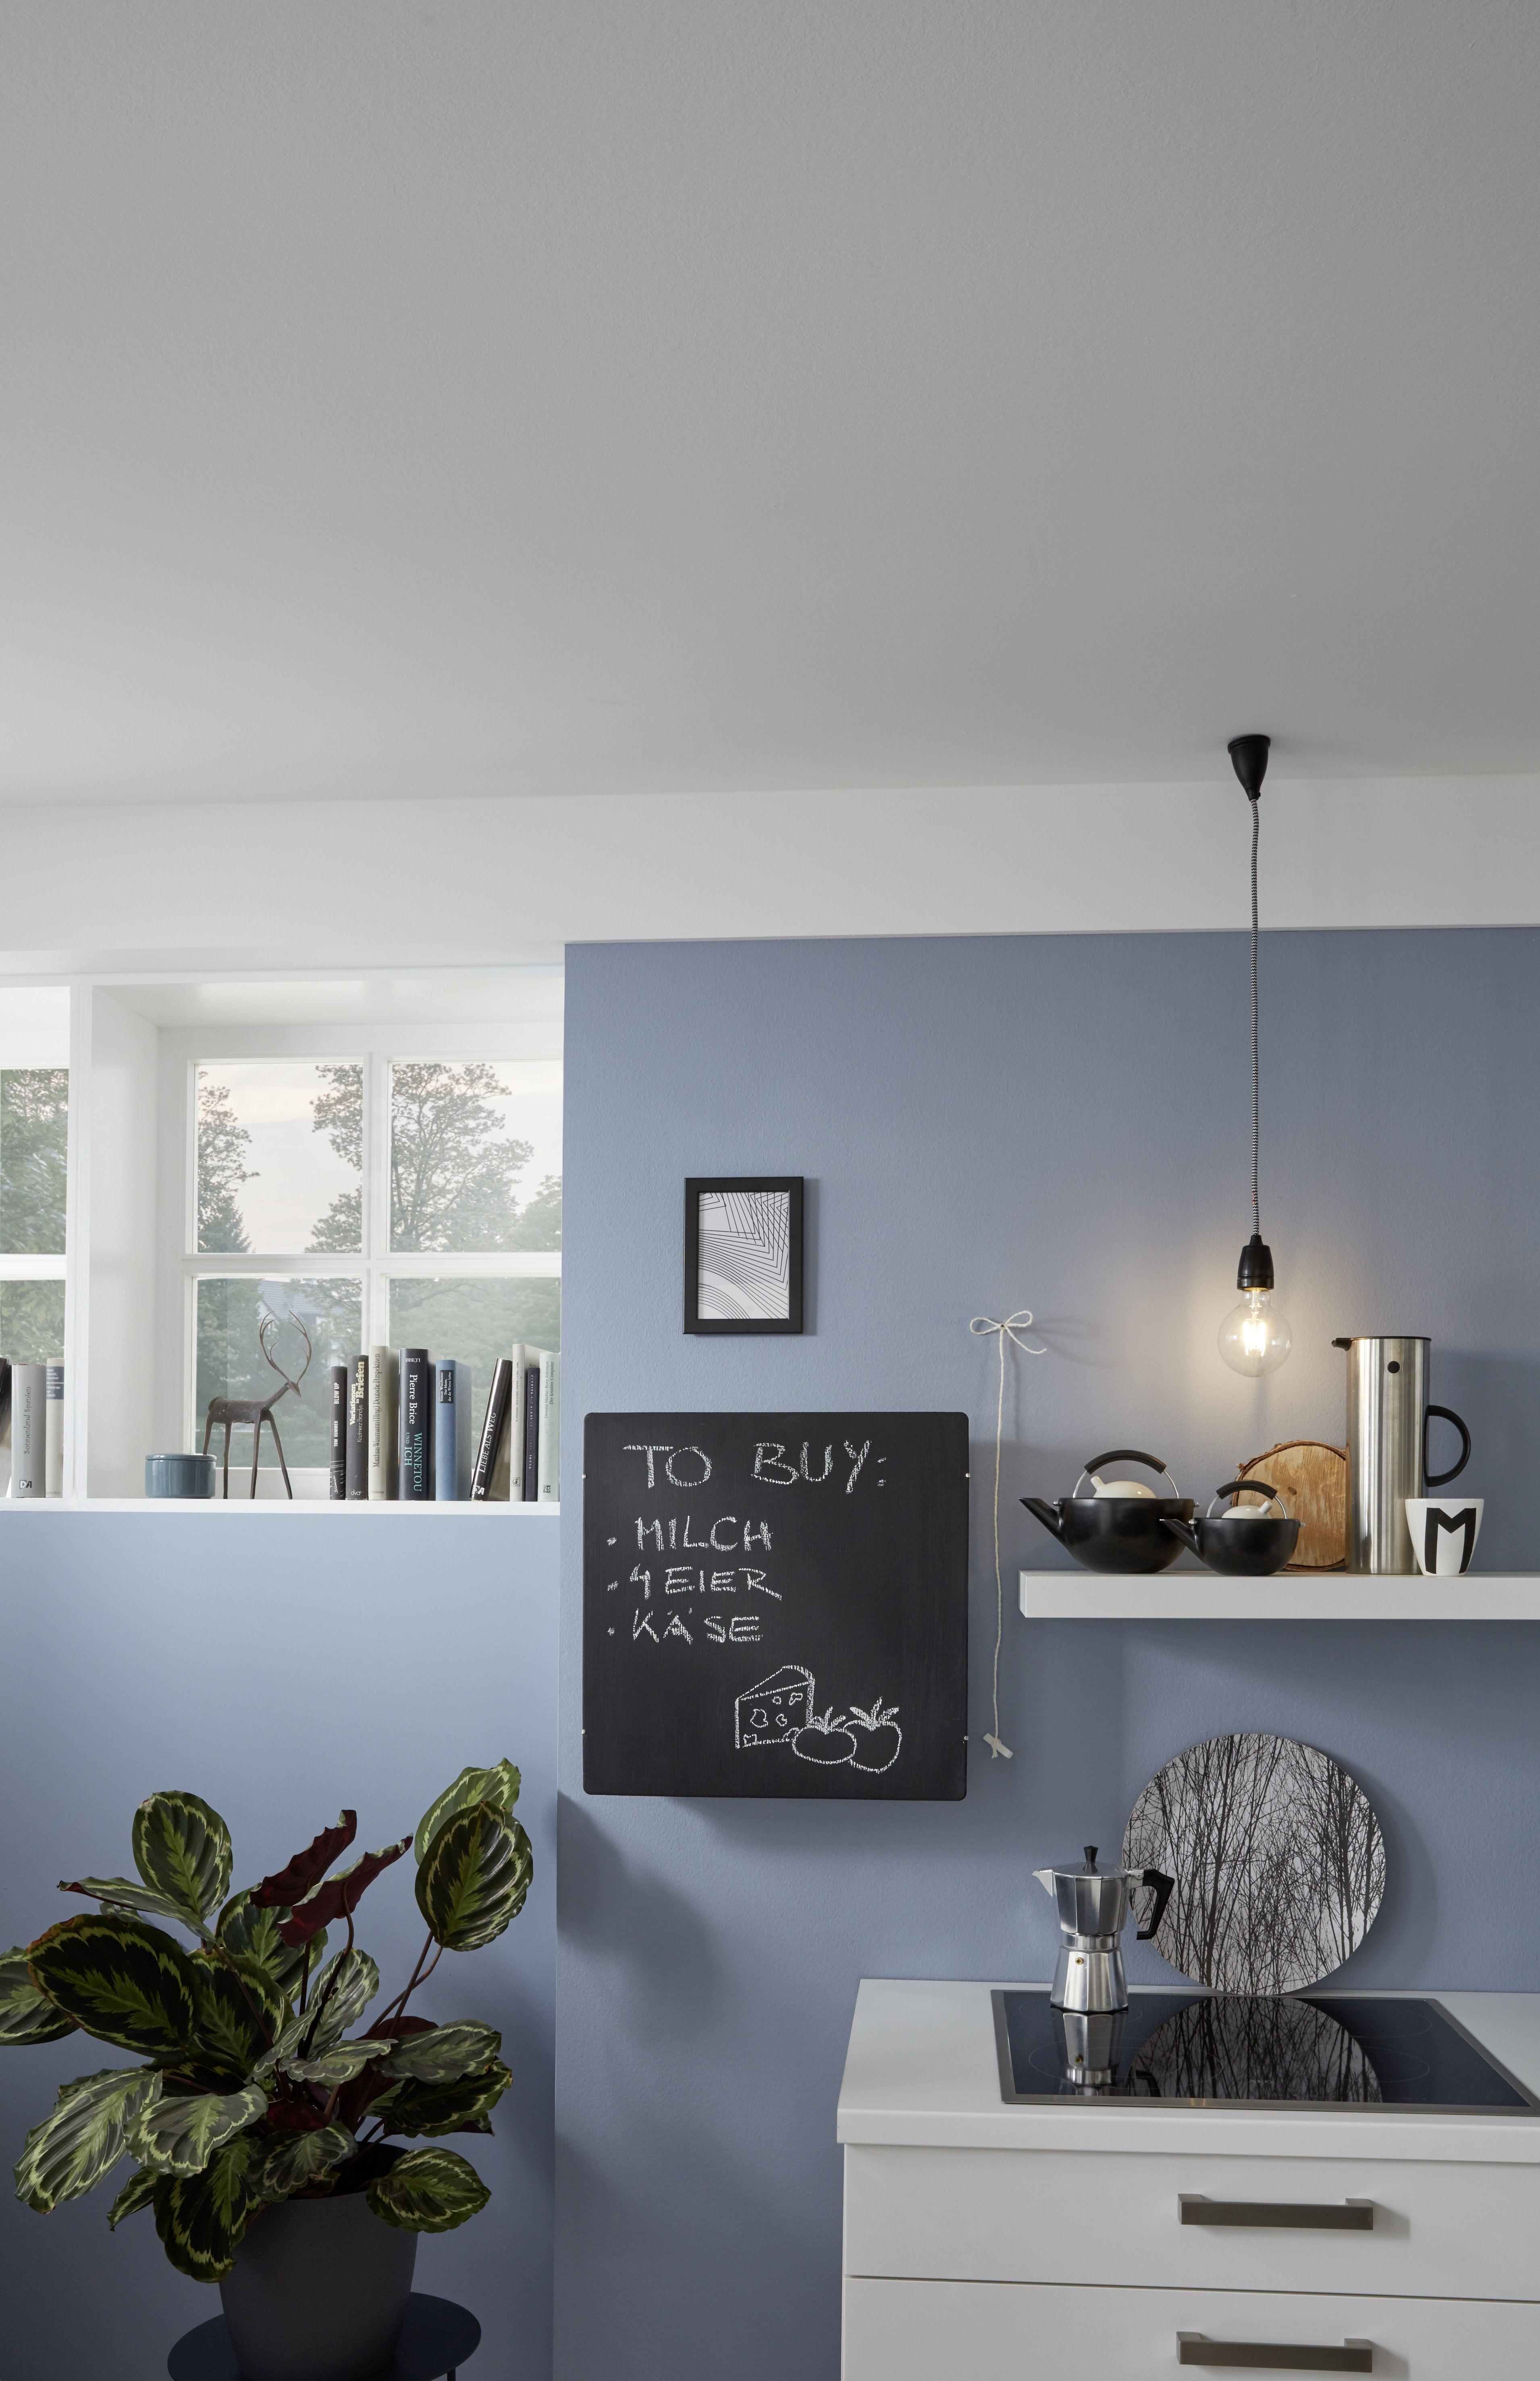 Pin Von Gabi Schwalm Auf Kuche In 2020 Dekor Haus Wohnzimmer Ideen